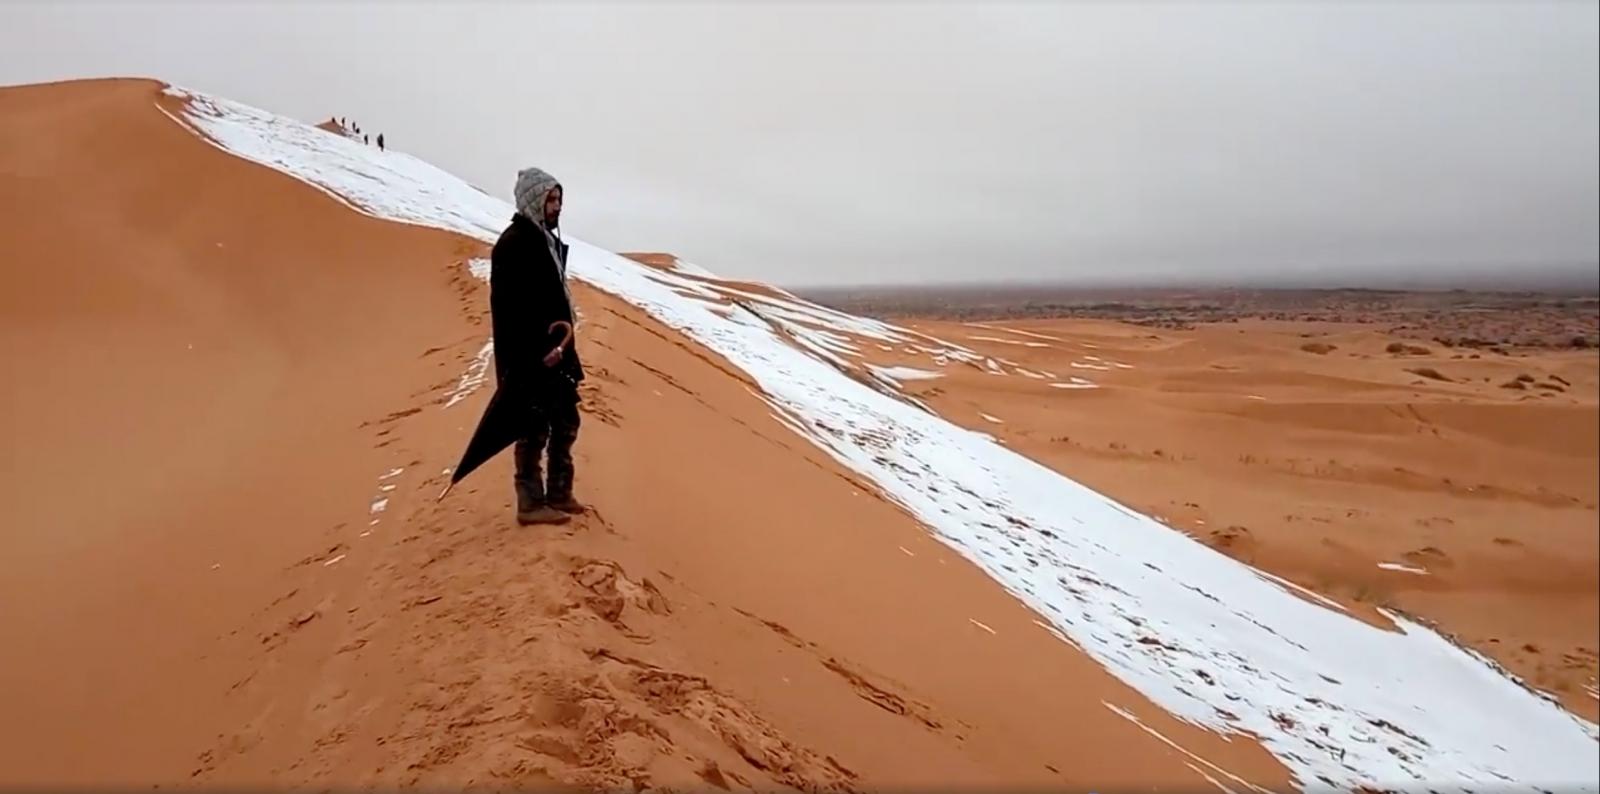 Snowfall in Sahara desert